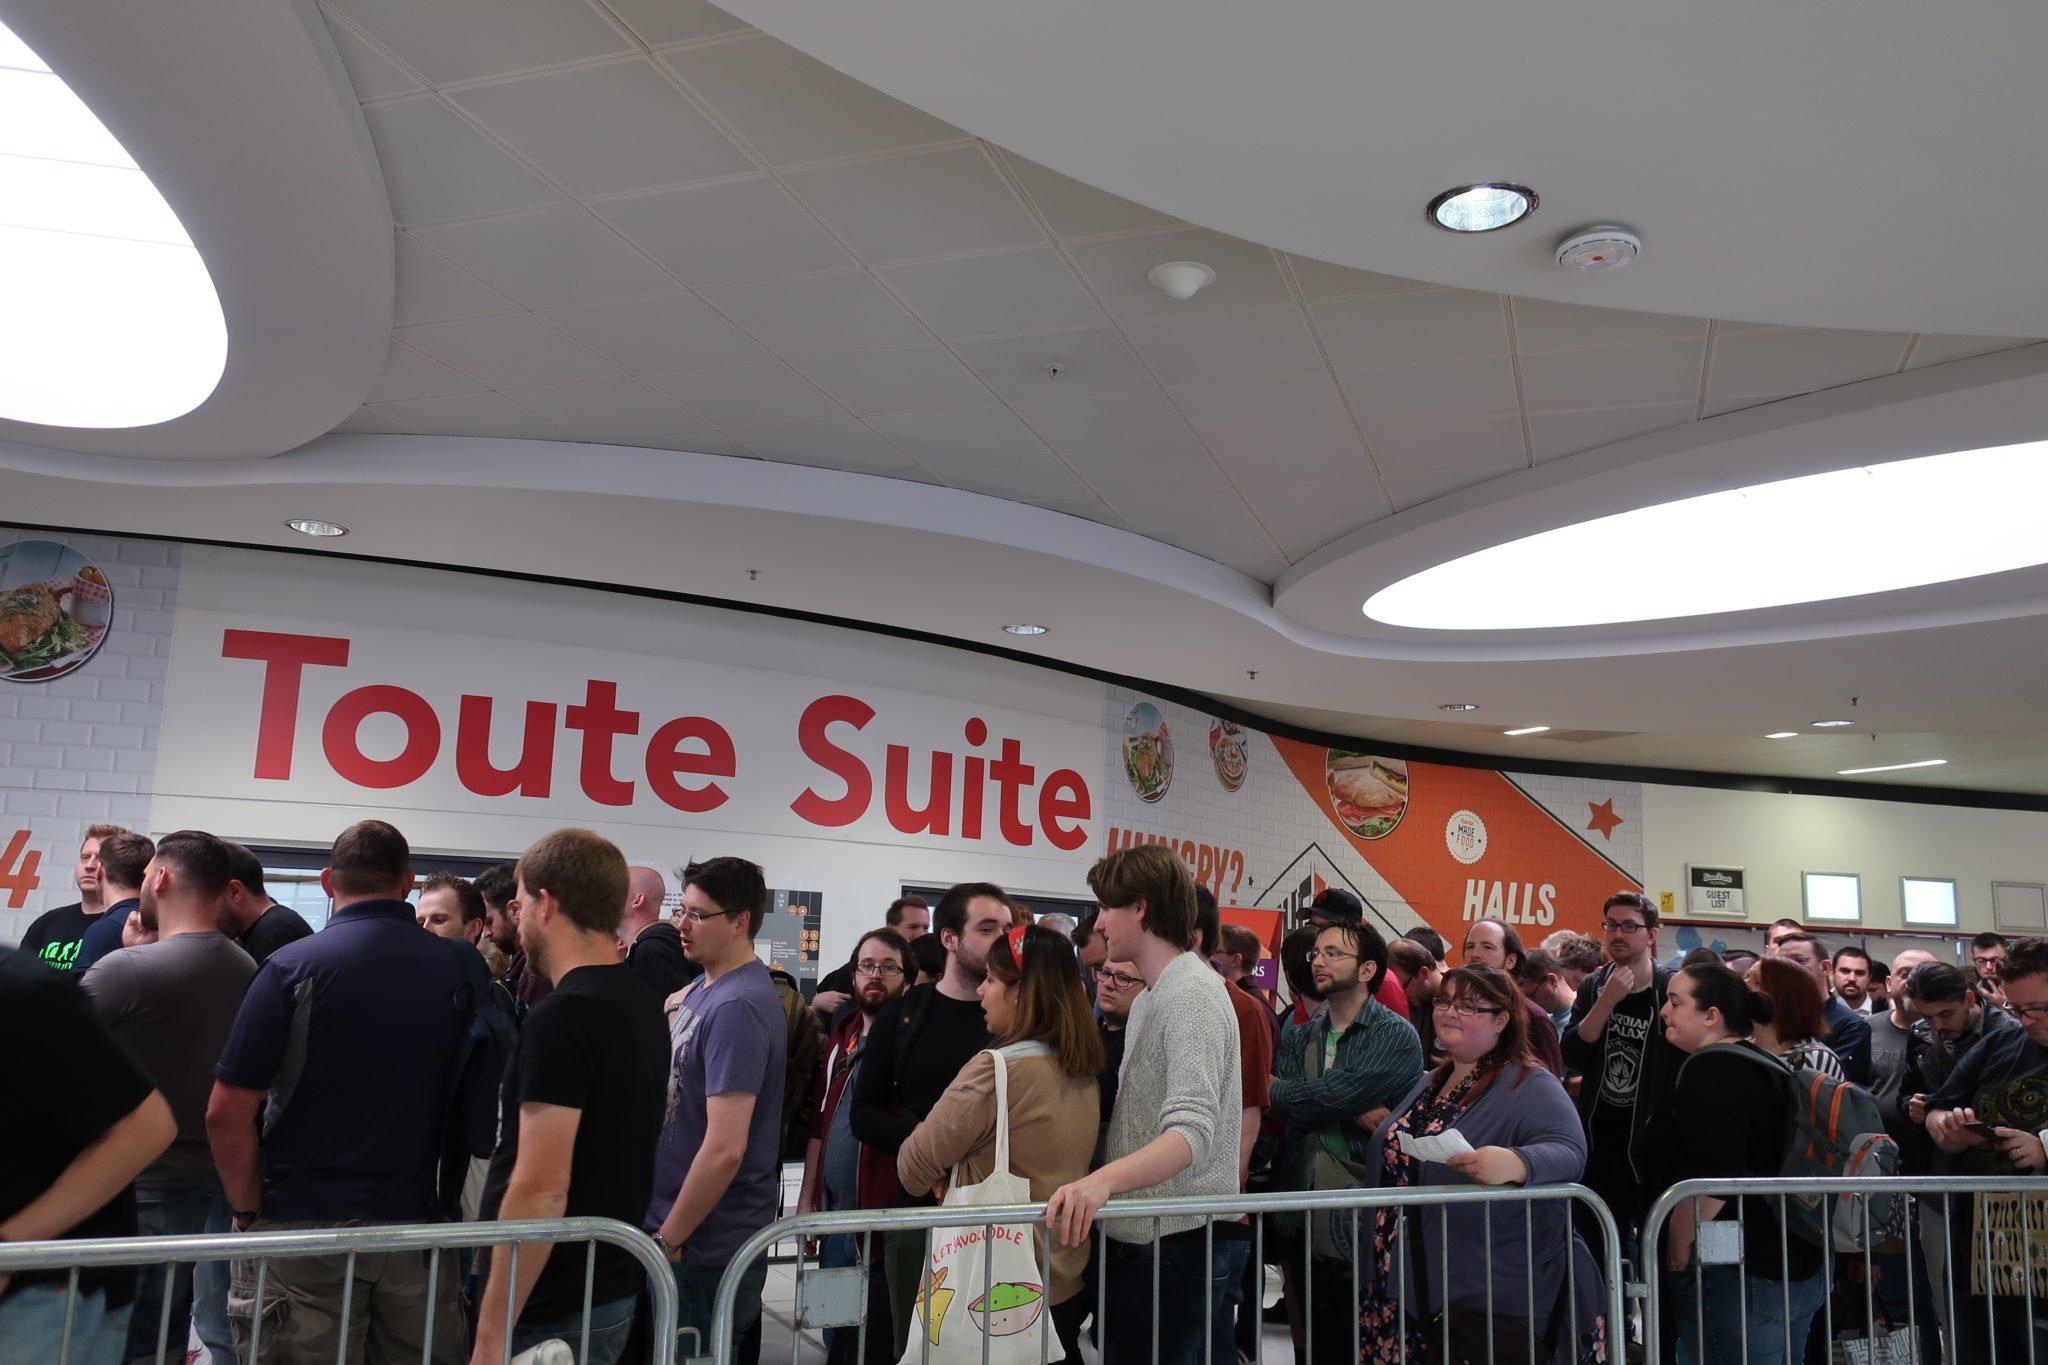 The ticket queue